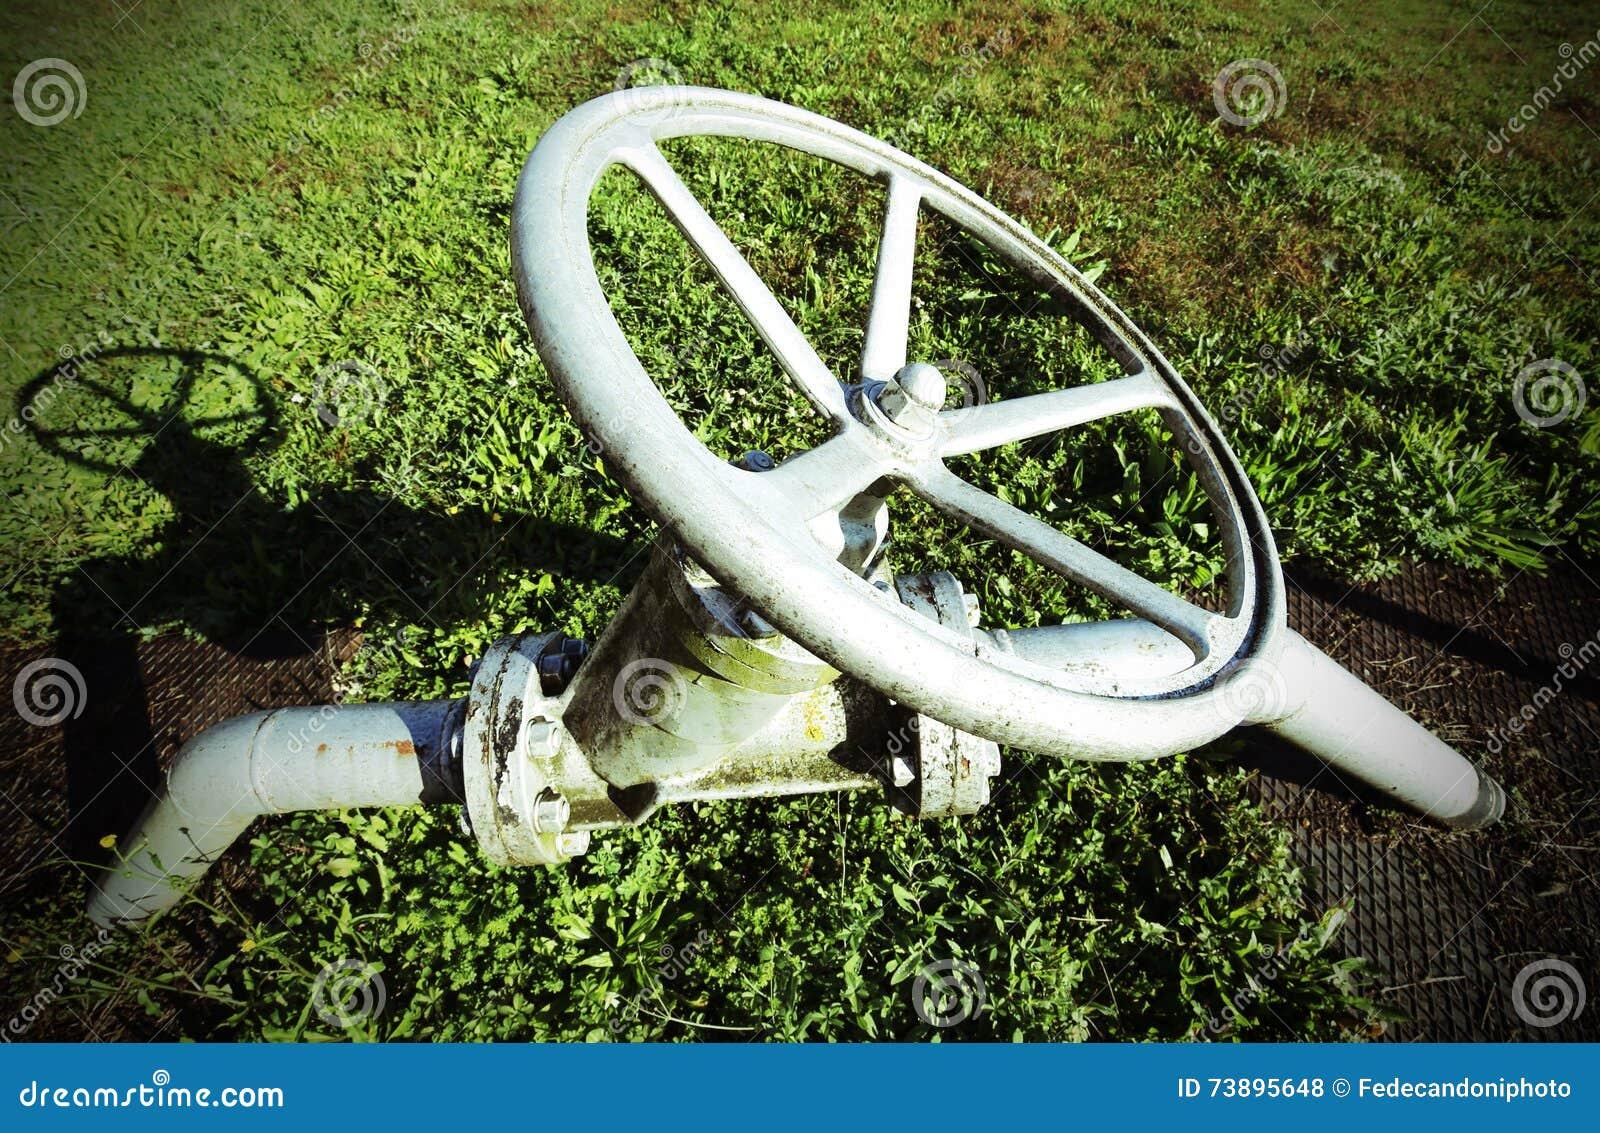 κυκλική μορφή εξοπλισμού για τον ελιγμό της βαλβίδας για το κλείσιμο του ο